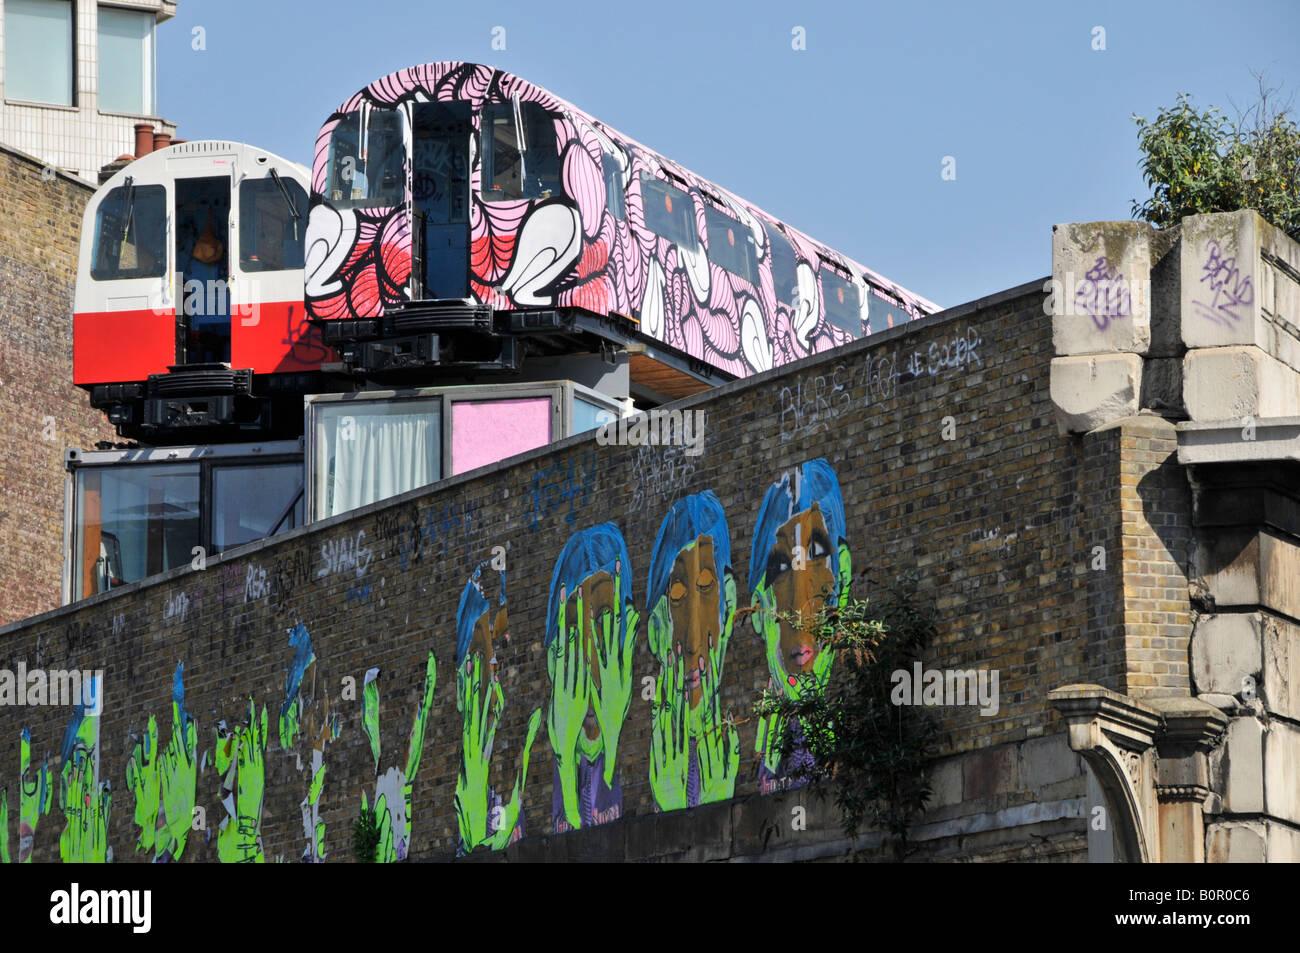 Recycelte Rohr Waggons verwendet als Künstler Studios über alte Eisenbahnviadukt mit Wänden verwendet Stockbild